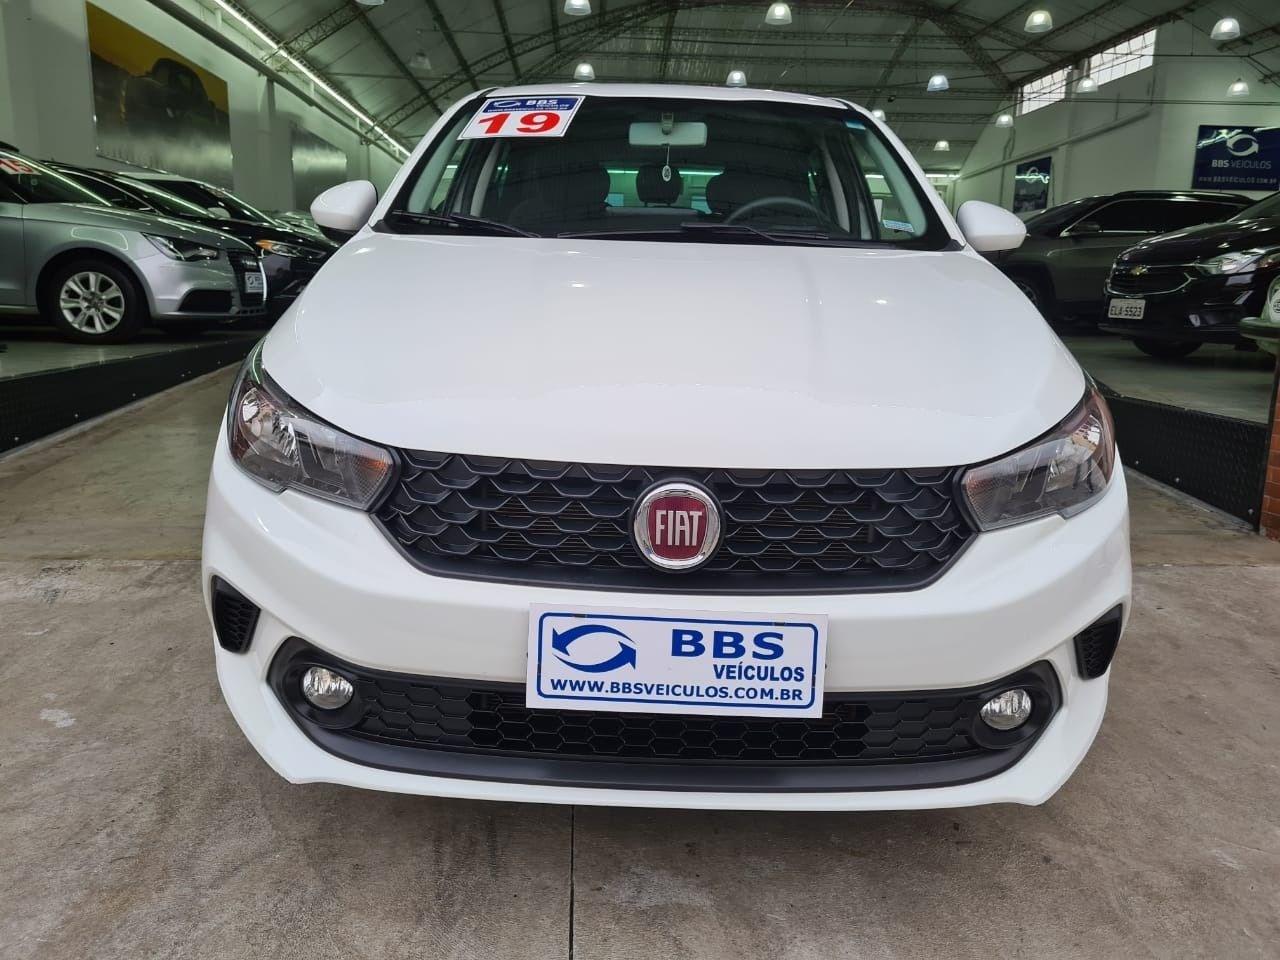 //www.autoline.com.br/carro/fiat/argo-13-drive-8v-flex-4p-manual/2019/sao-paulo-sp/13254567